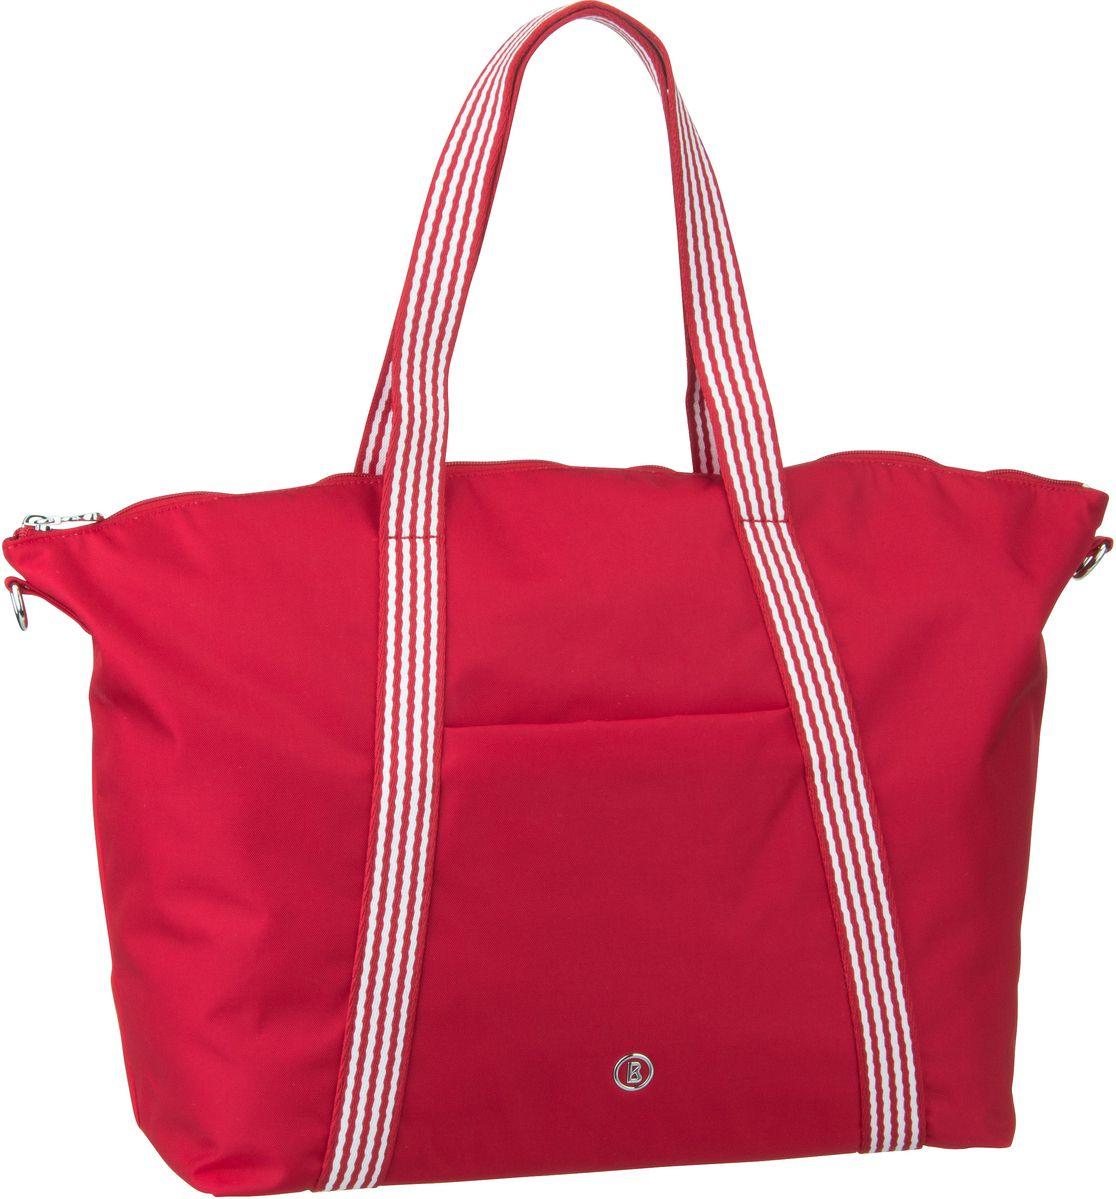 Handtasche Maritim Delia Peony